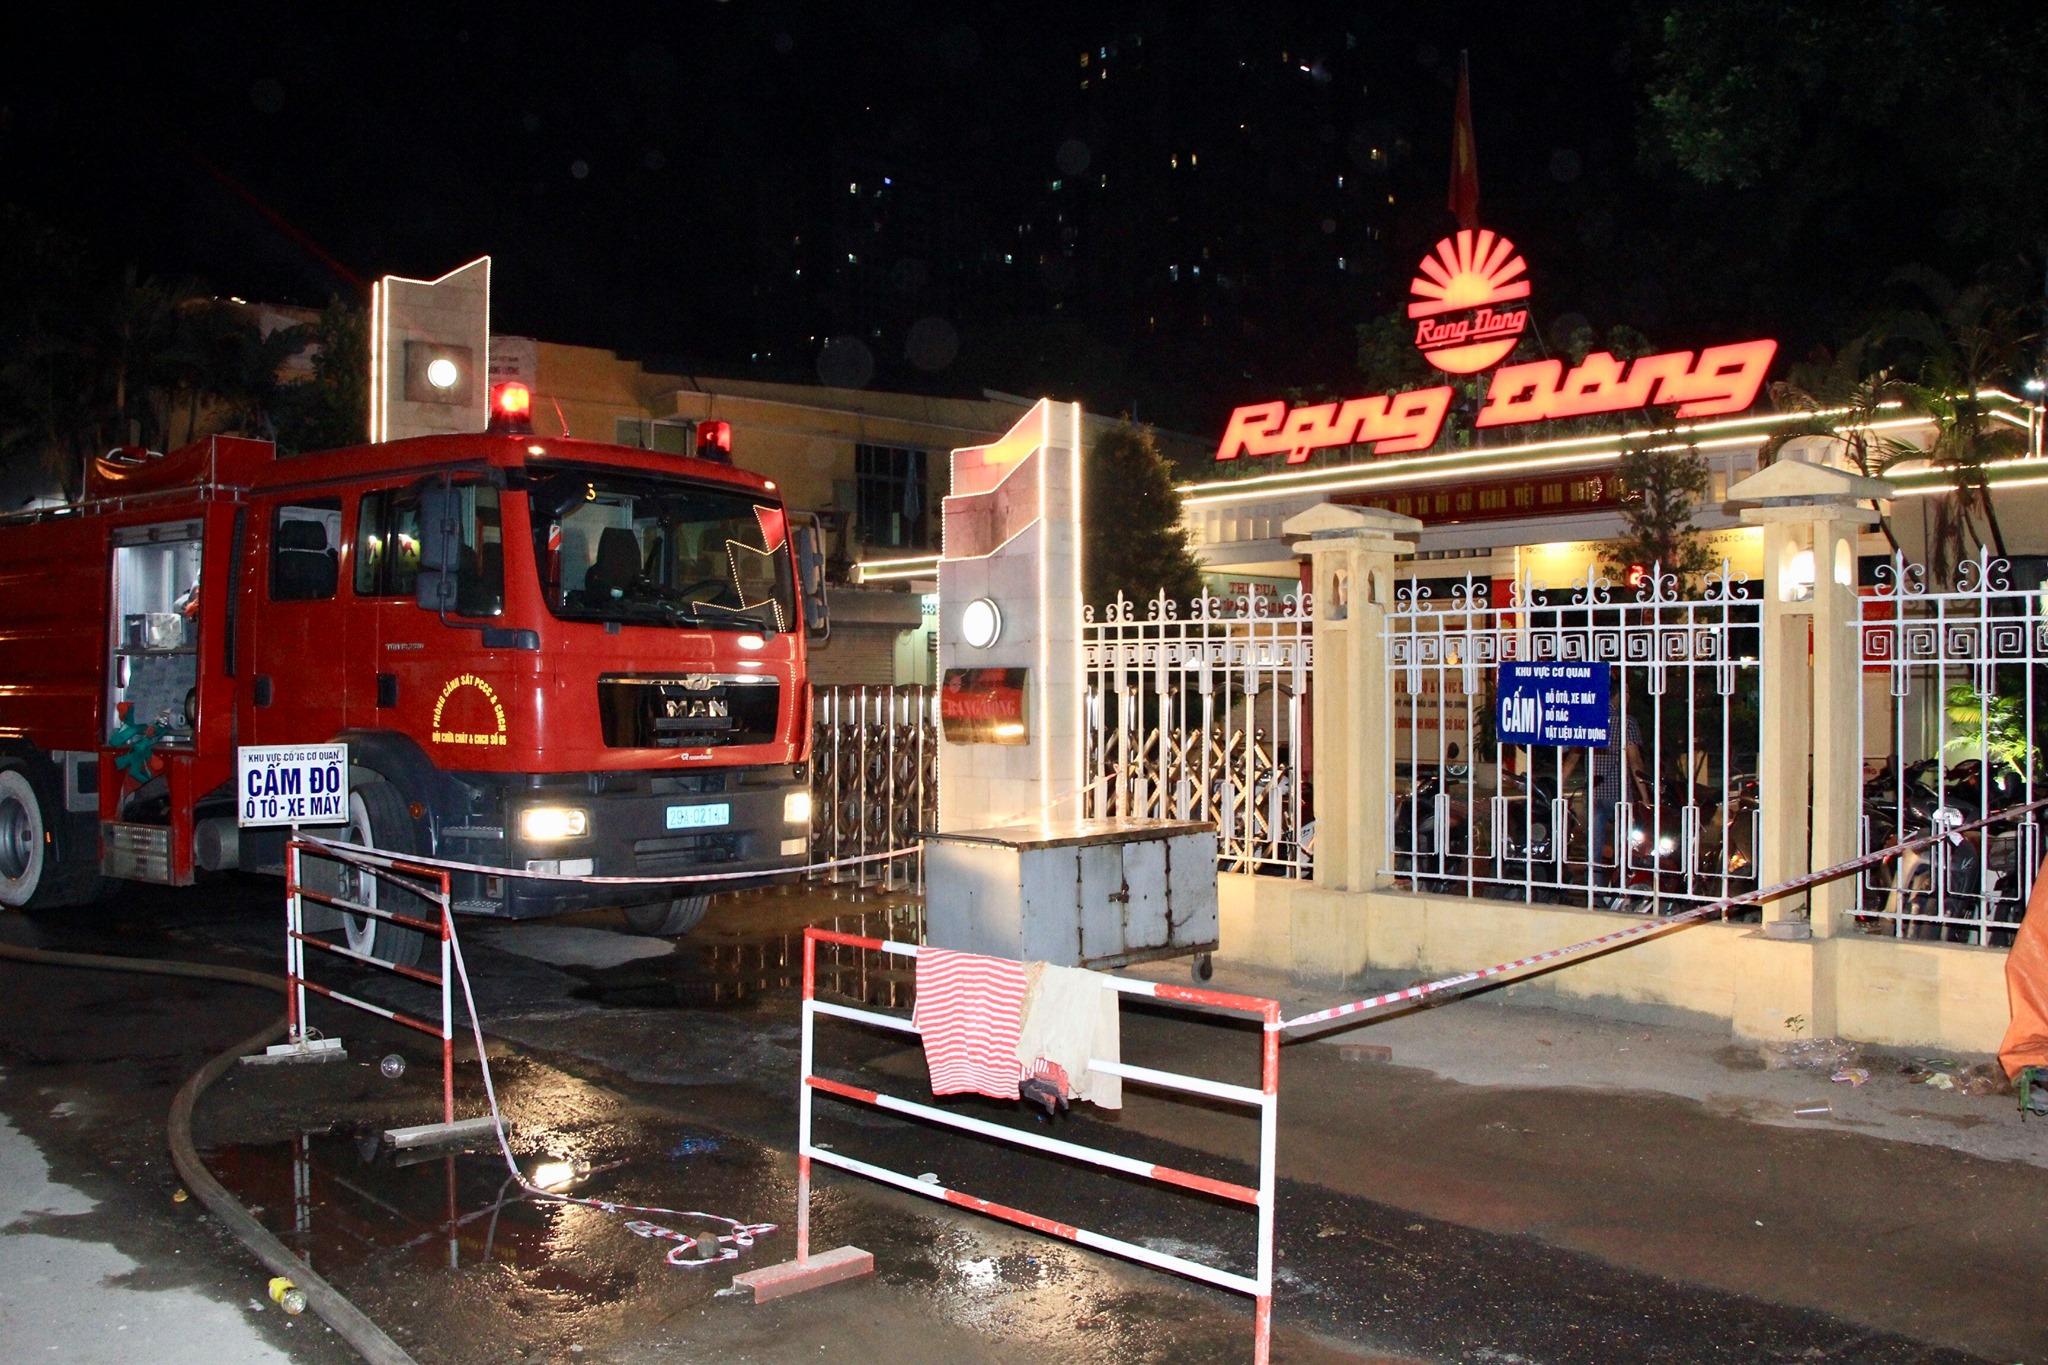 Nâng cao công tác phòng cháy và chữa cháy tại các kho, xưởng, nhà máy